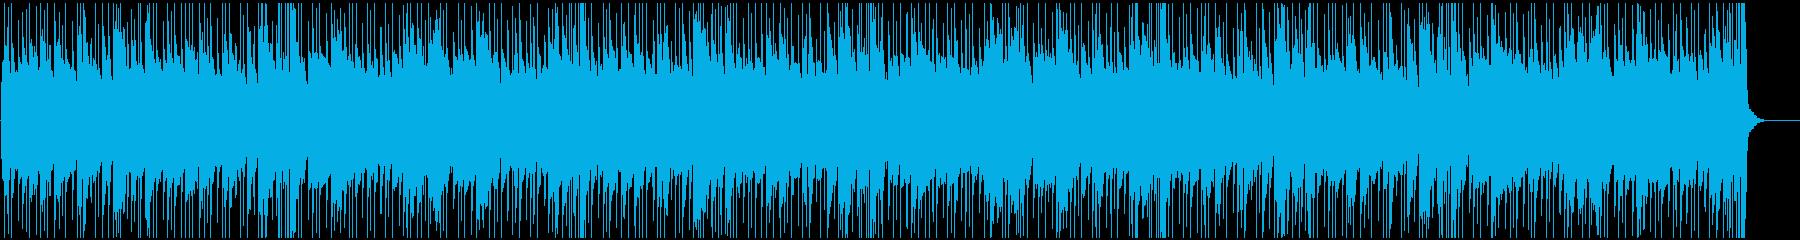 キラキラとした透明感のある爽やかなBGMの再生済みの波形